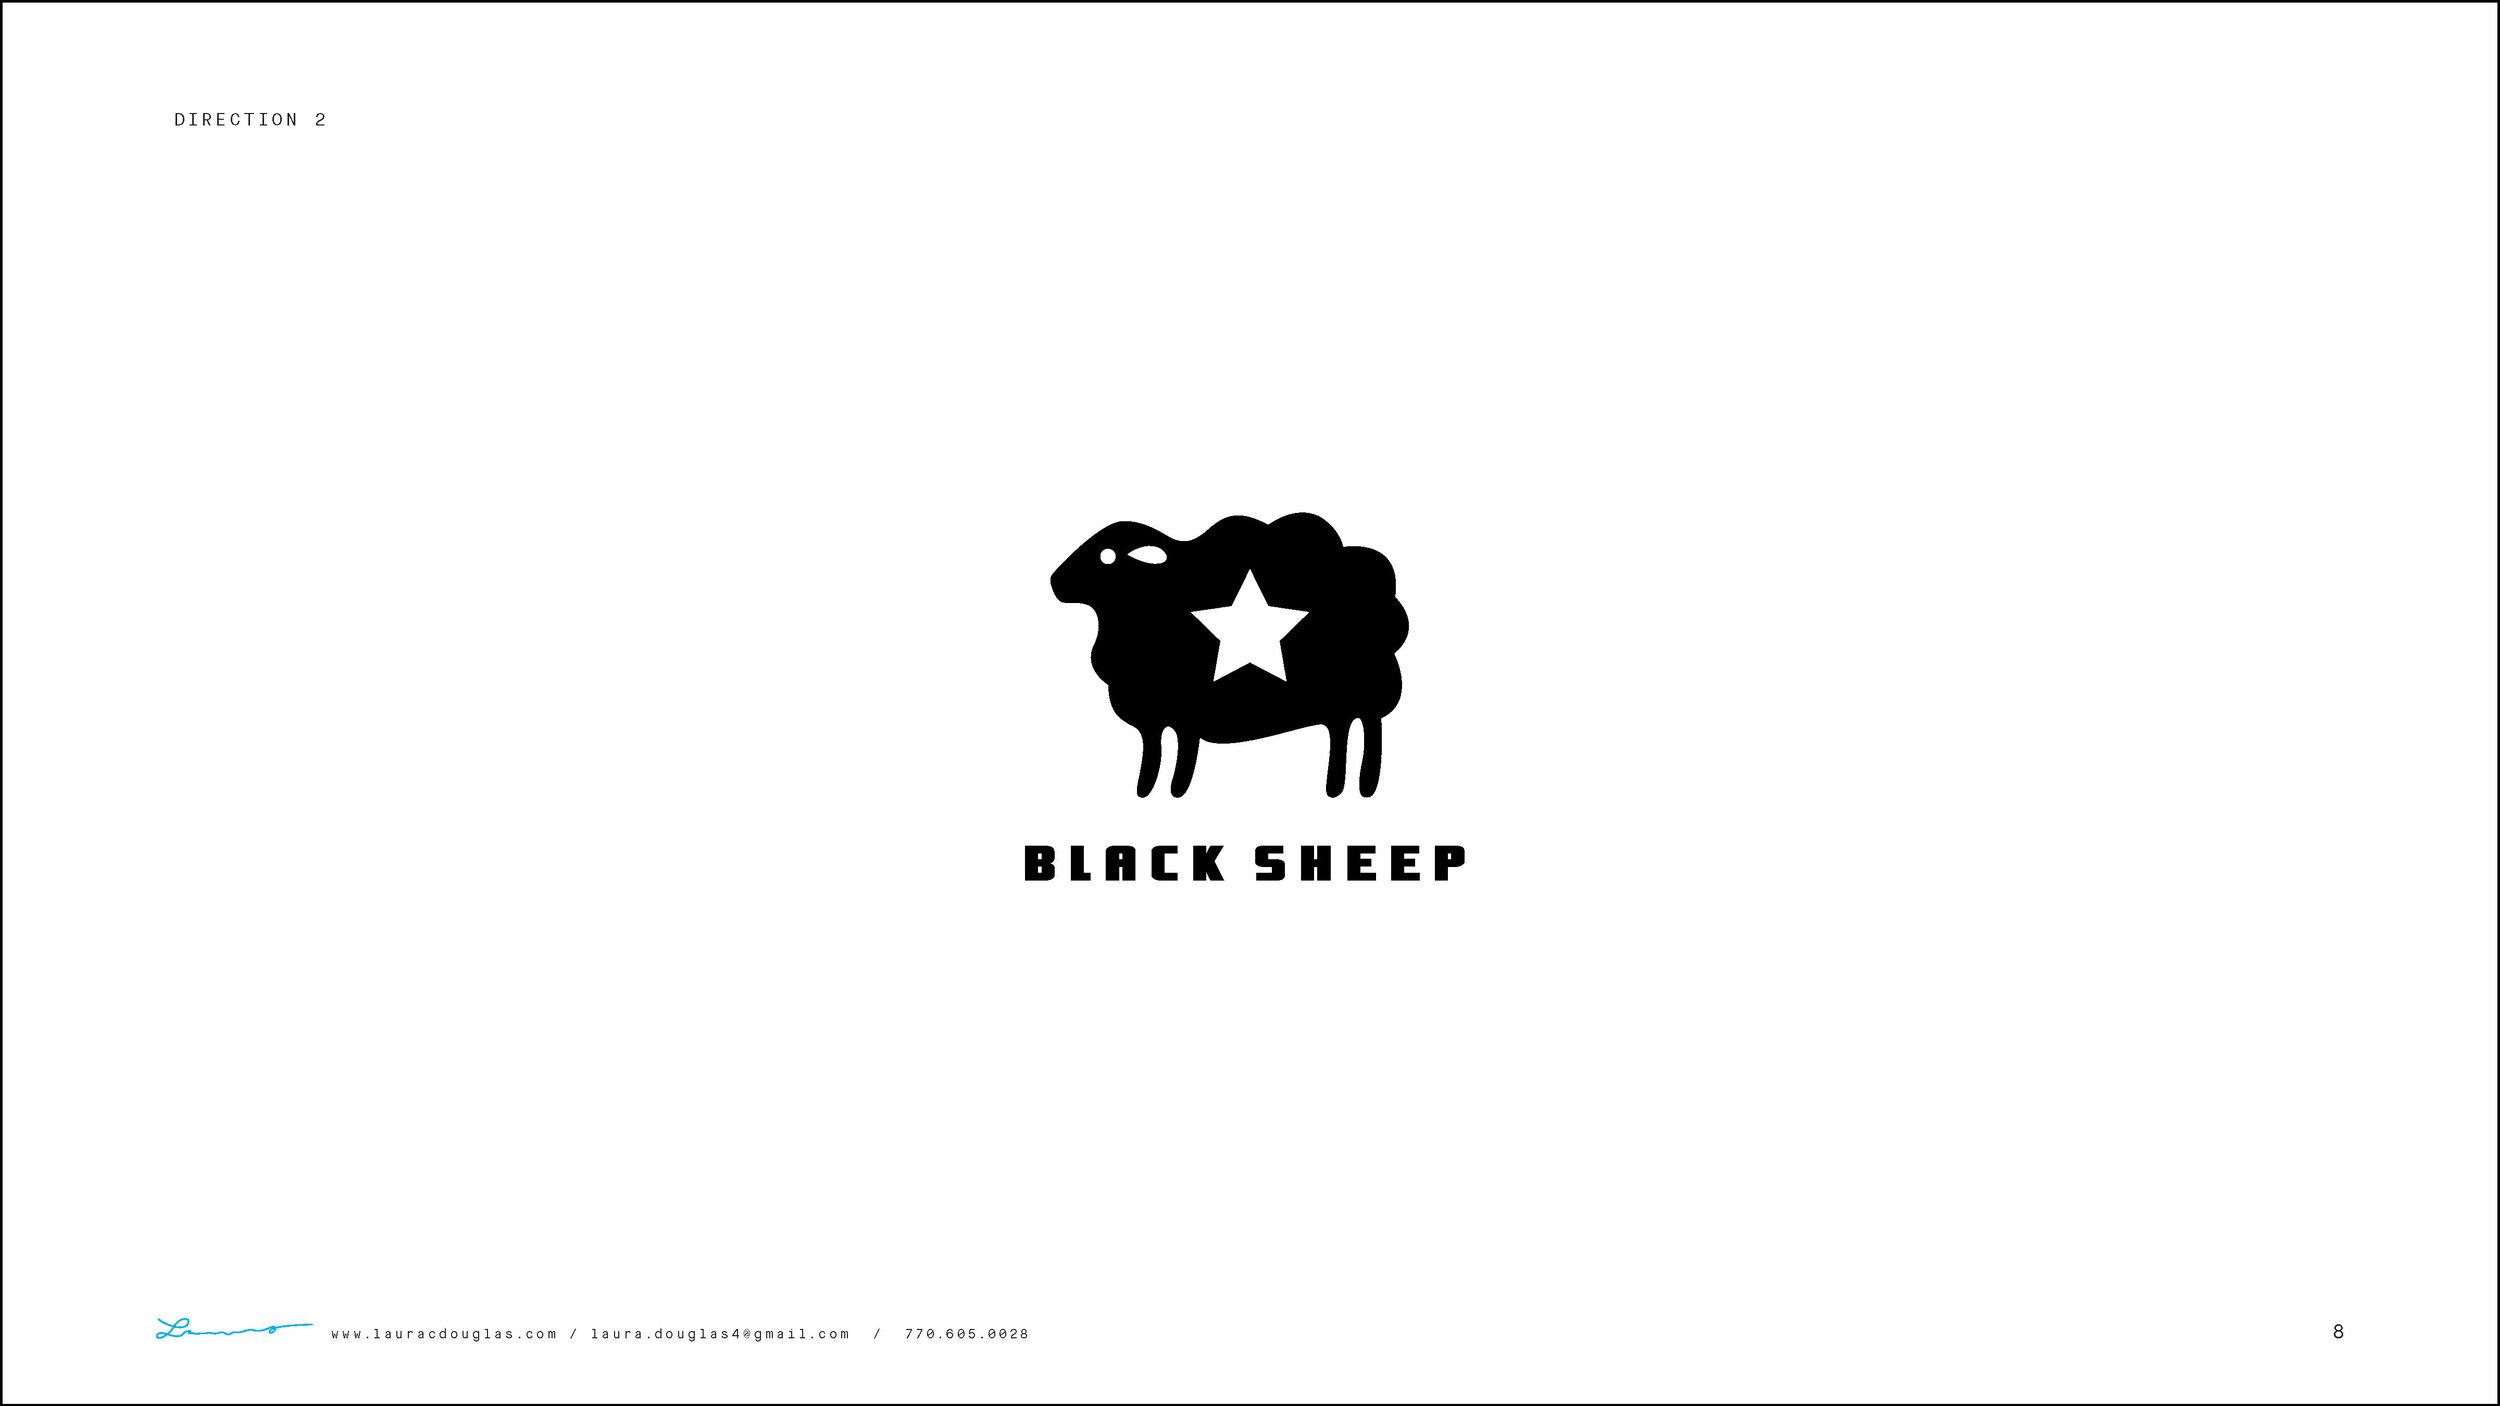 BlackSheepManagement_Logo_v1 2_Page_08.jpg